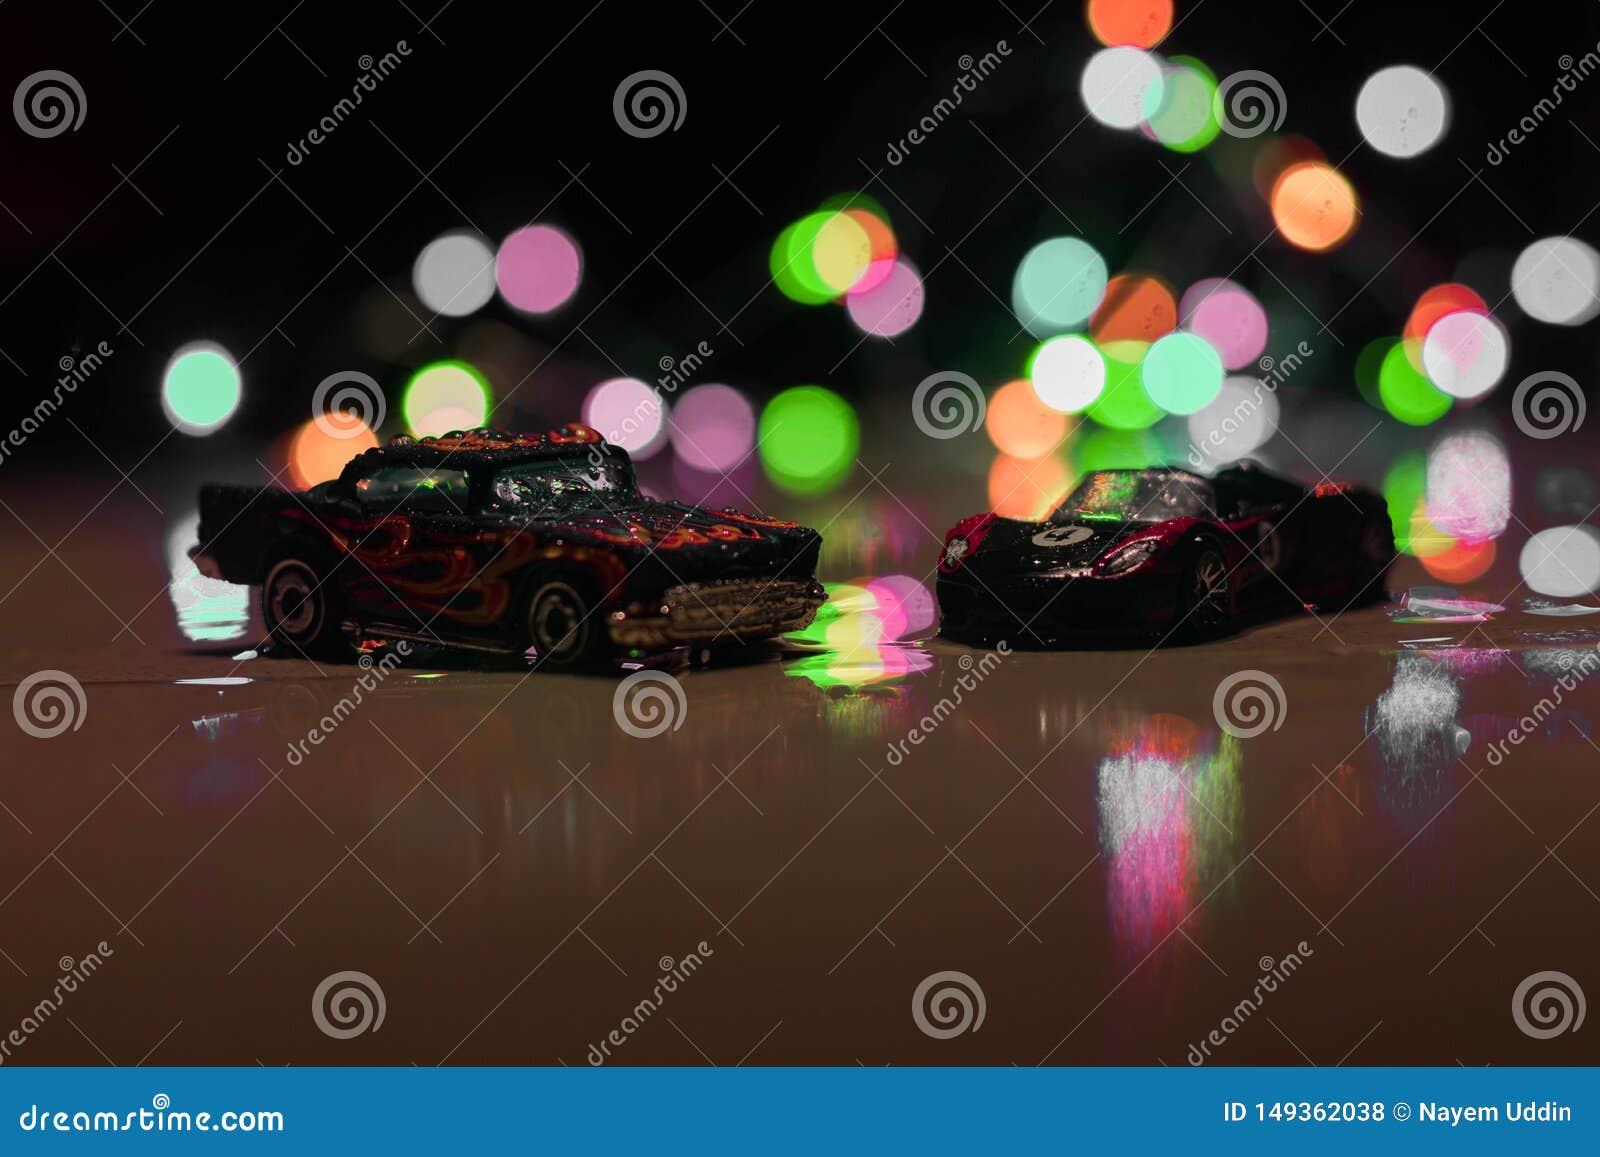 Las ruedas calientes juegan los coches en luz corta